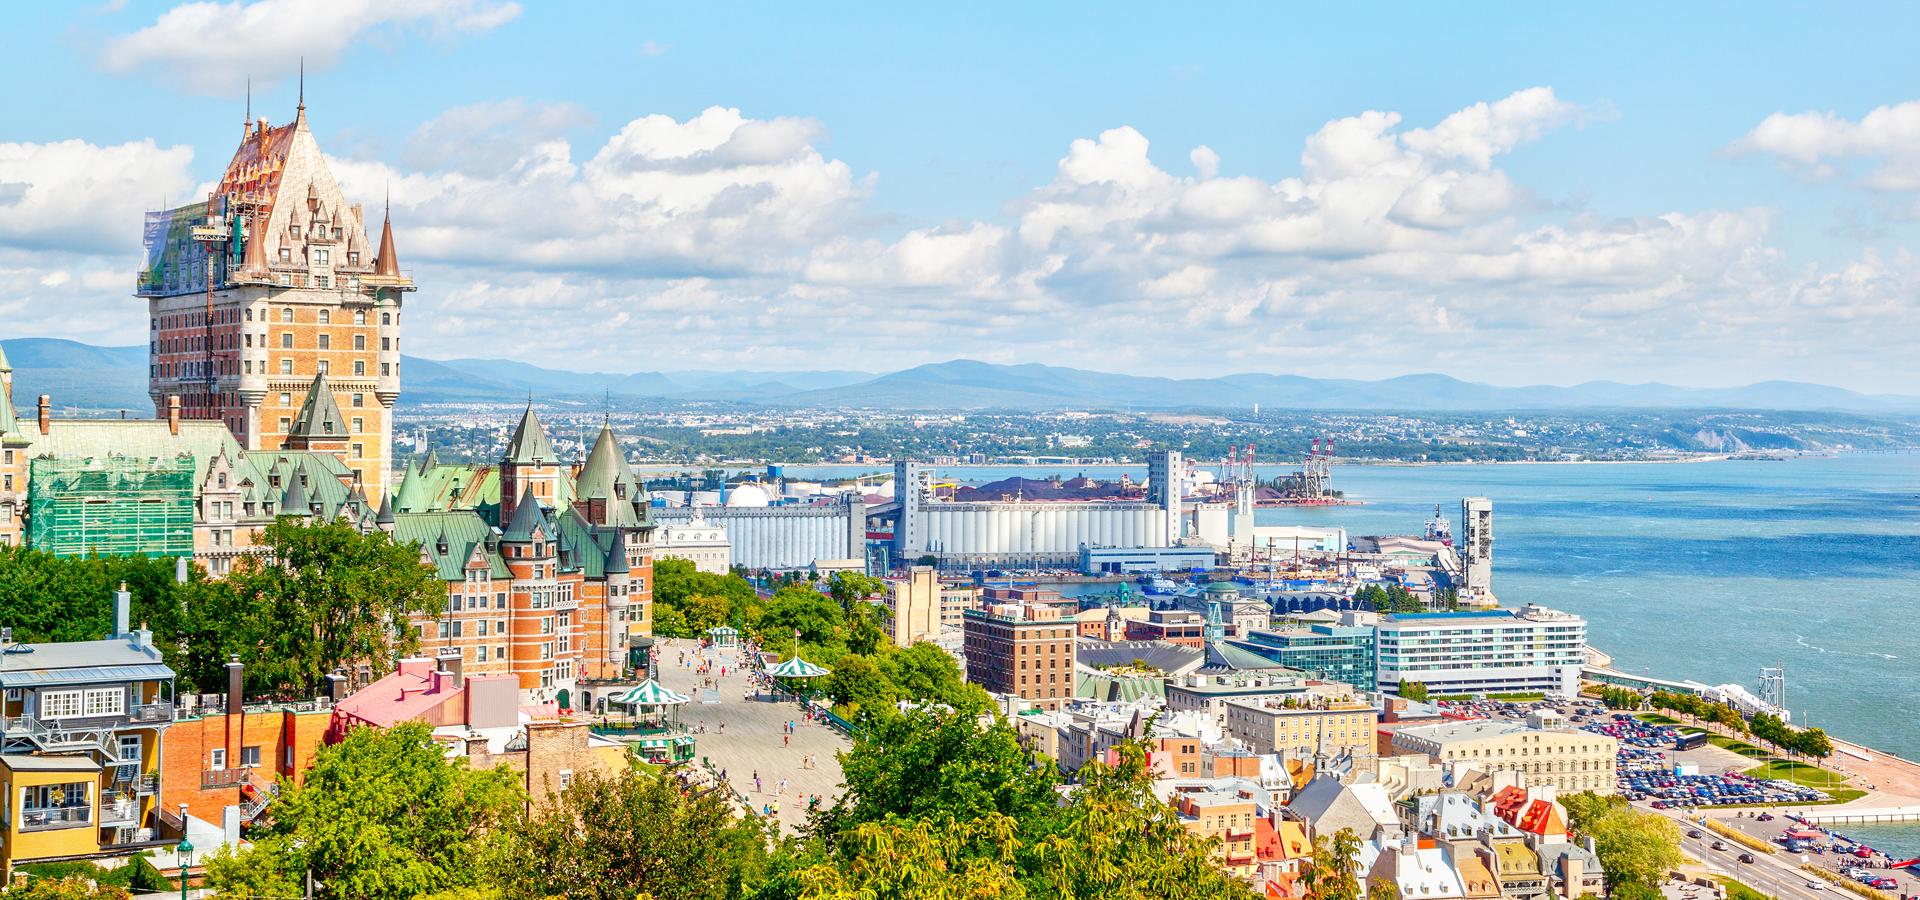 Peer-to-peer advisory in Québec City, Quebec, Canada